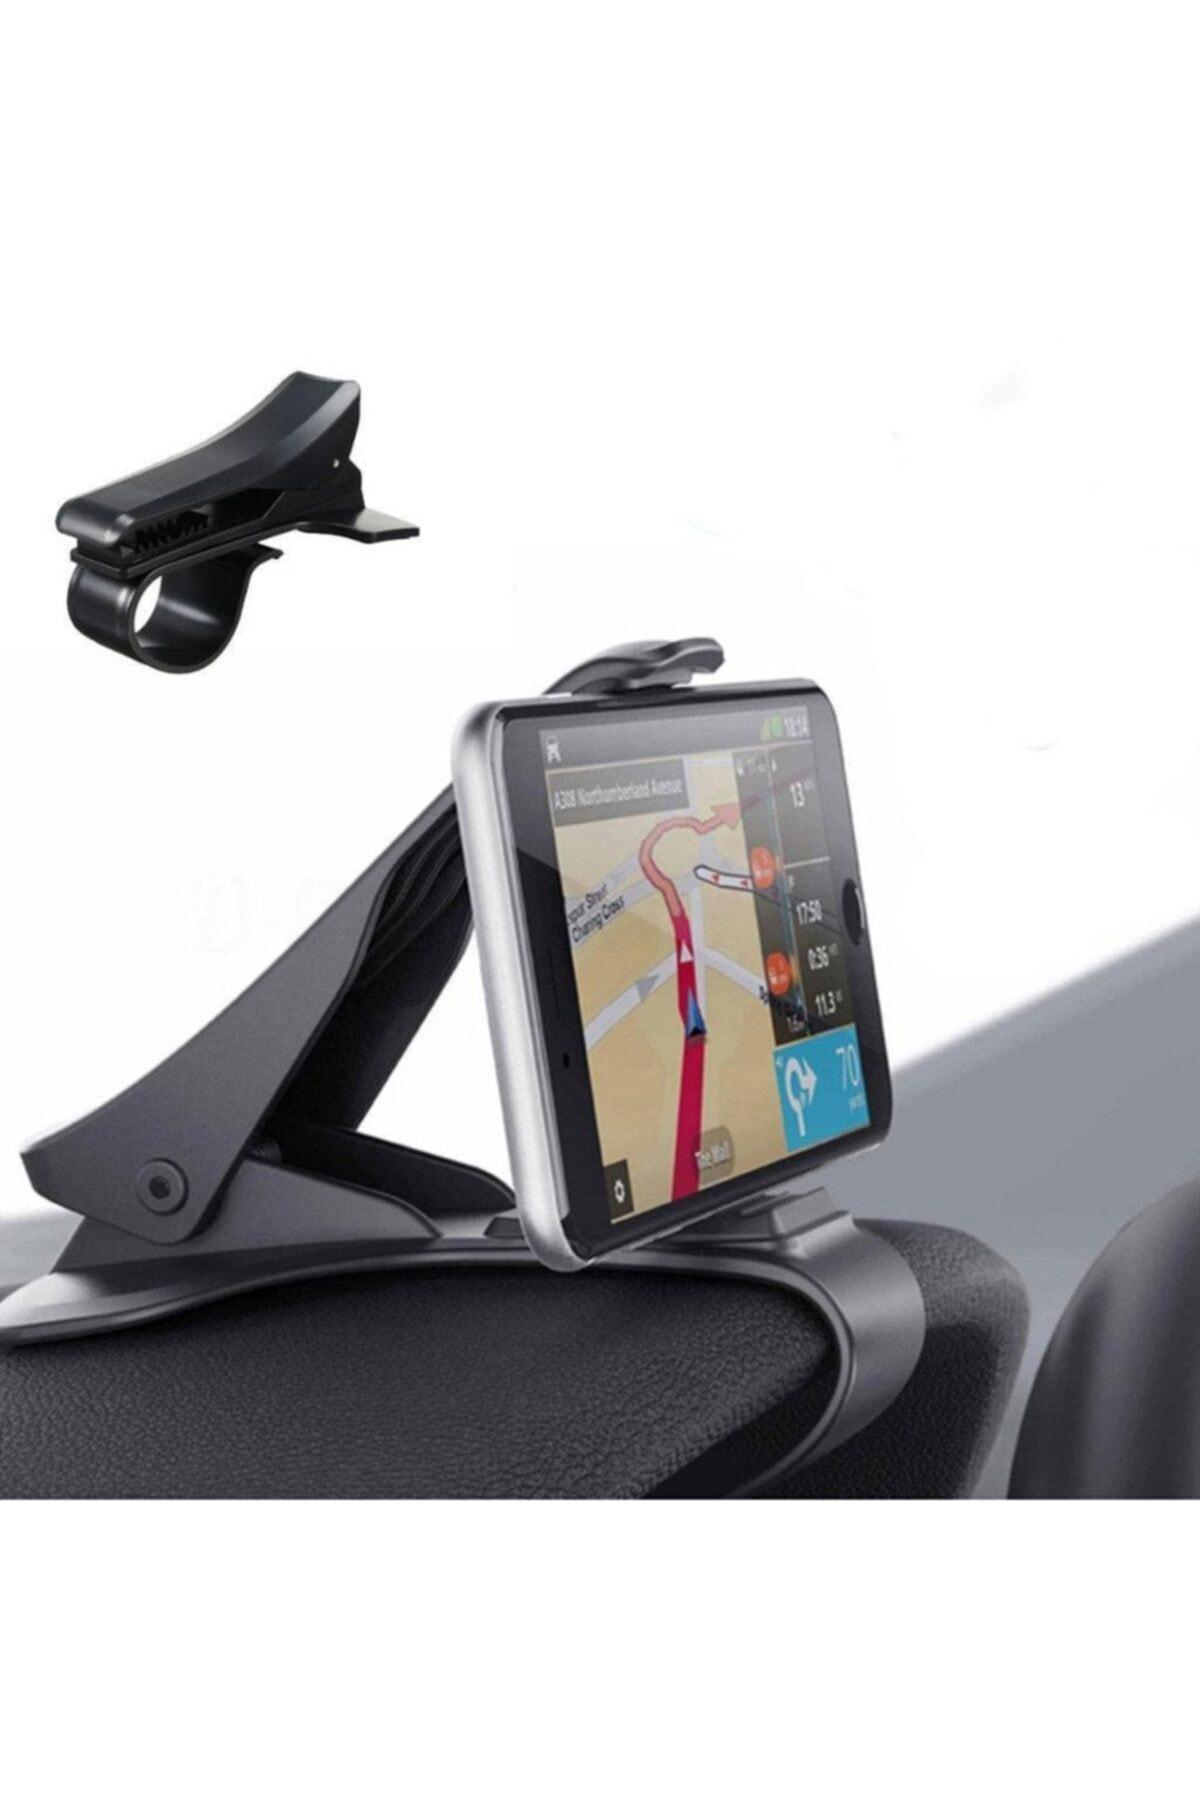 Oto Araç Içi Telefon Tutucu Araba Tutacağı Siyah Gösterge Kıskaç